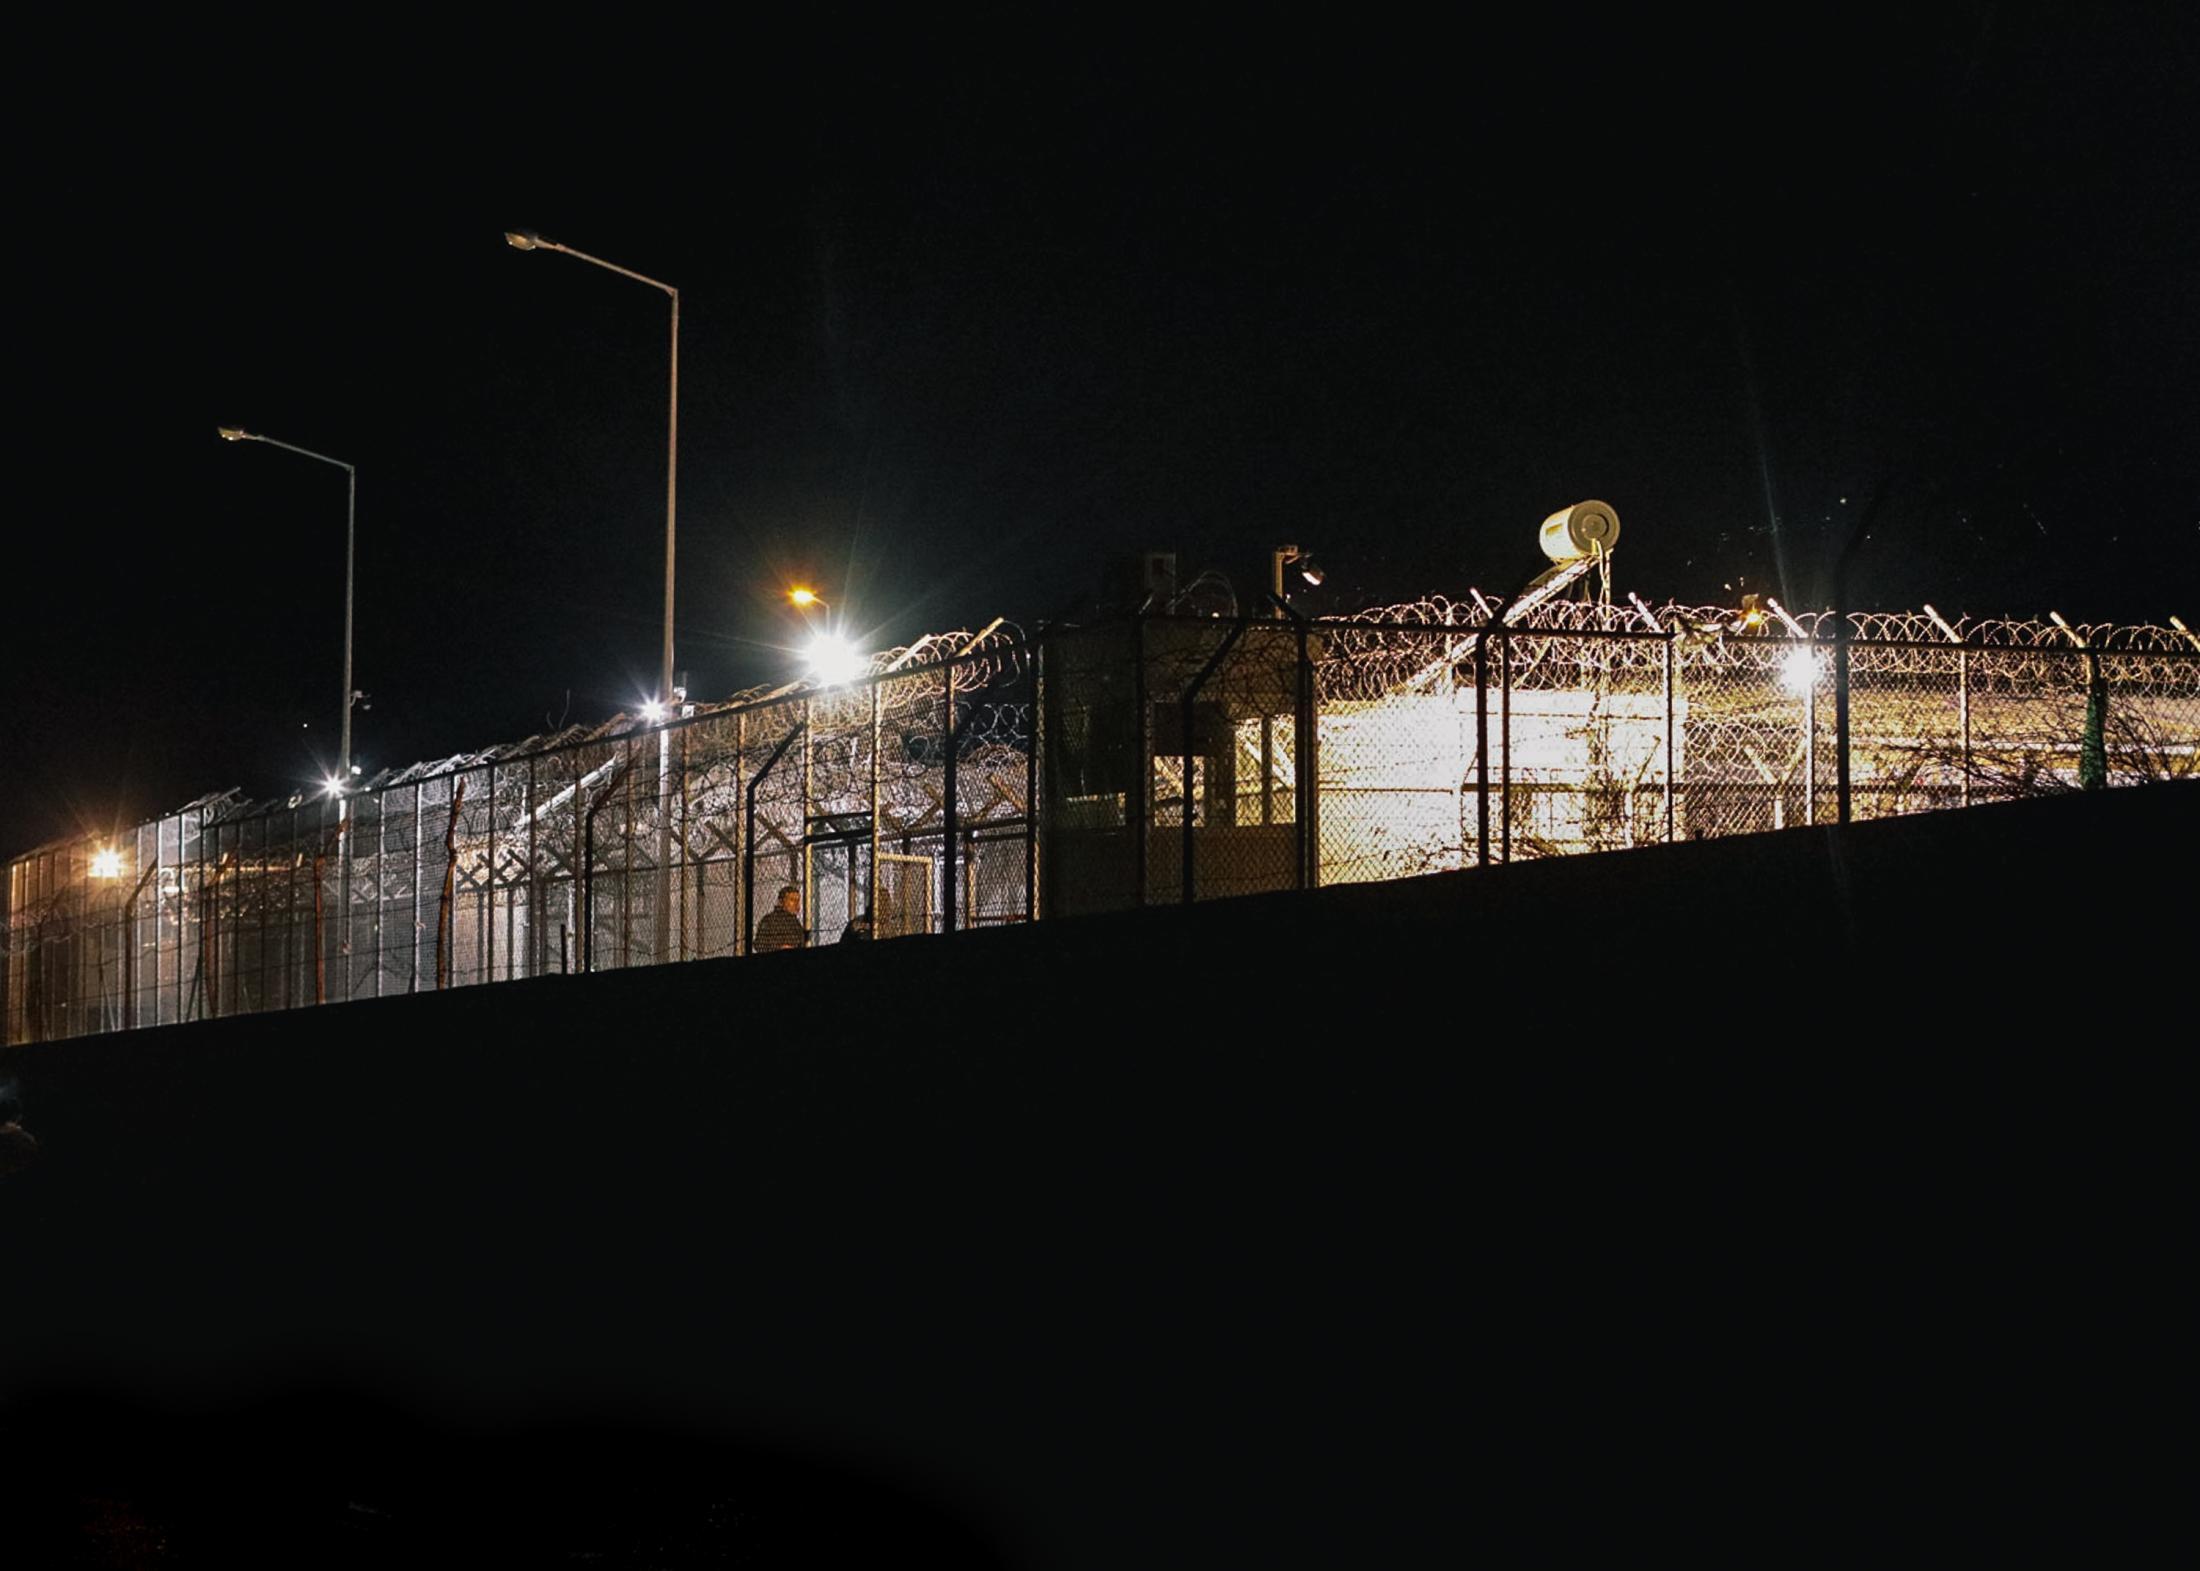 168 Personen sitzen momentan im Abschiebegefängnis von Moria. Jeder dessen Asylbescheid von den Behörden als Negativ gewertet wurde, läuft Gefahr in die Türkei oder sein Heimatland abgeschoben zu werden.